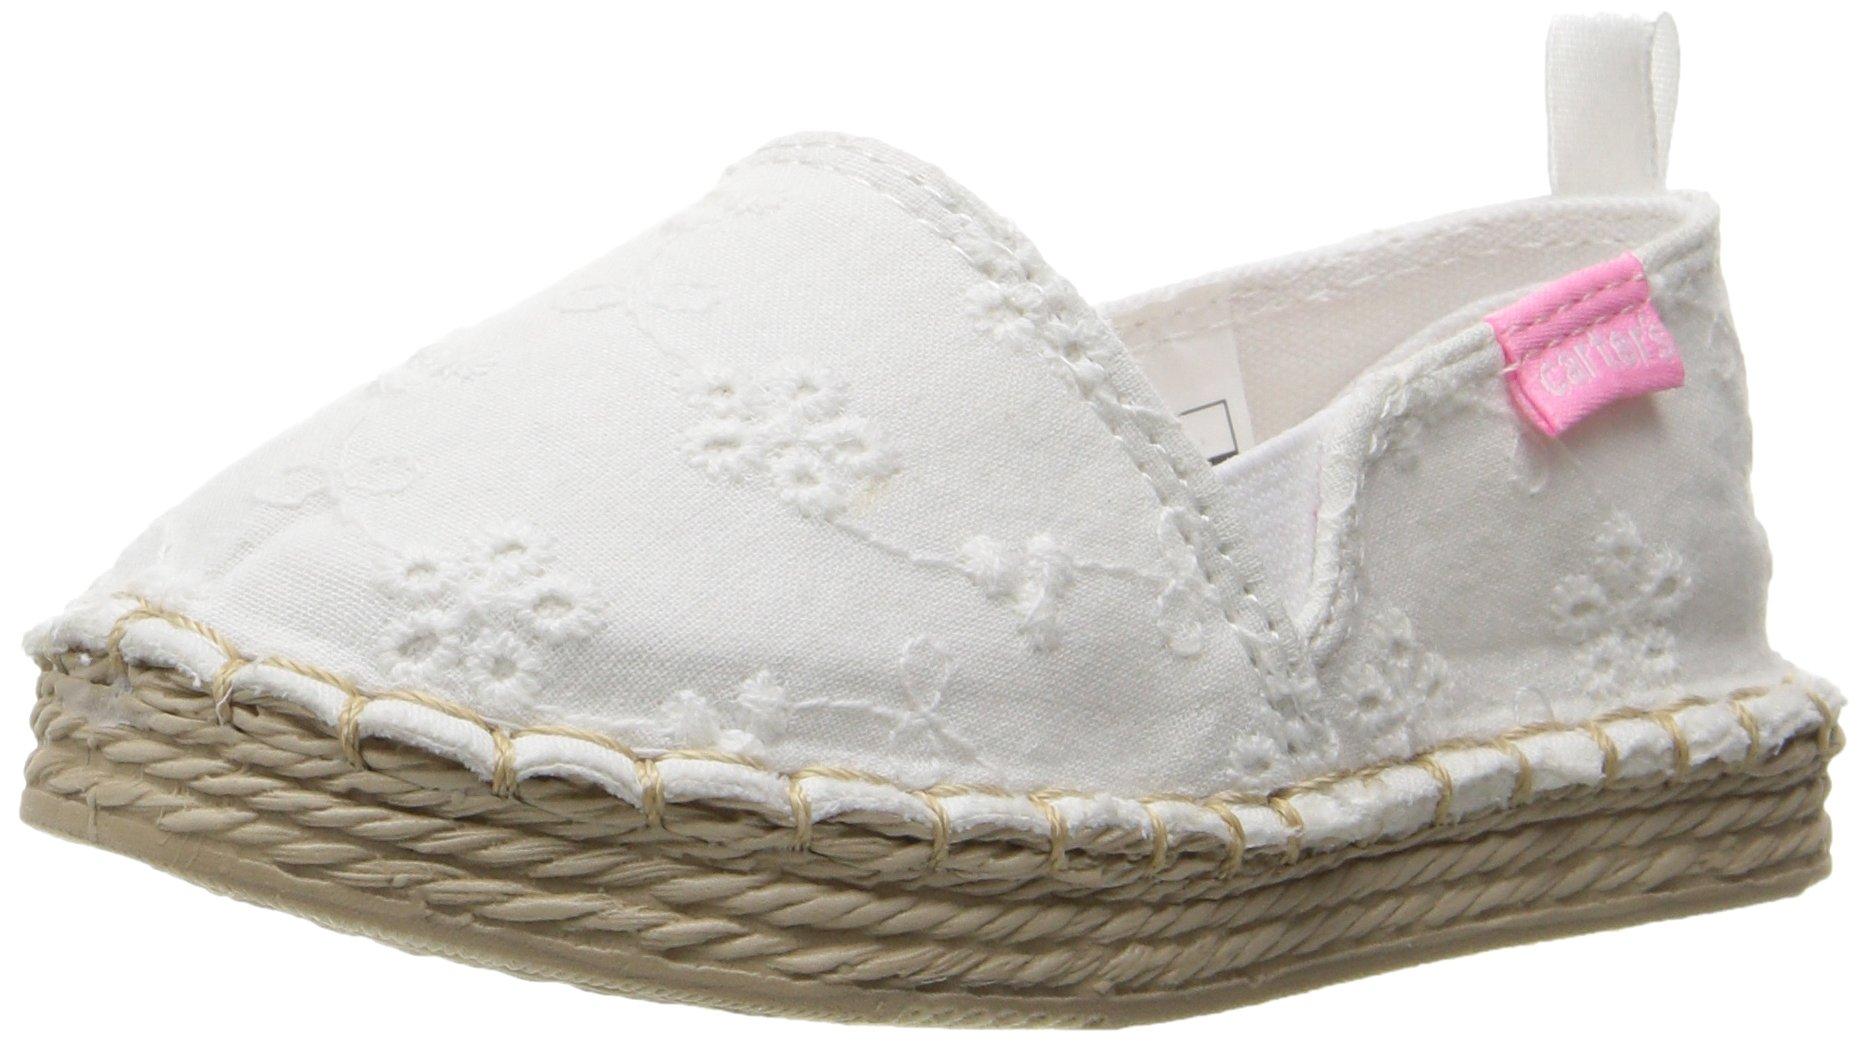 Carter's Astrid Girl's Espadrille Slip-On, White, 10 M US Toddler